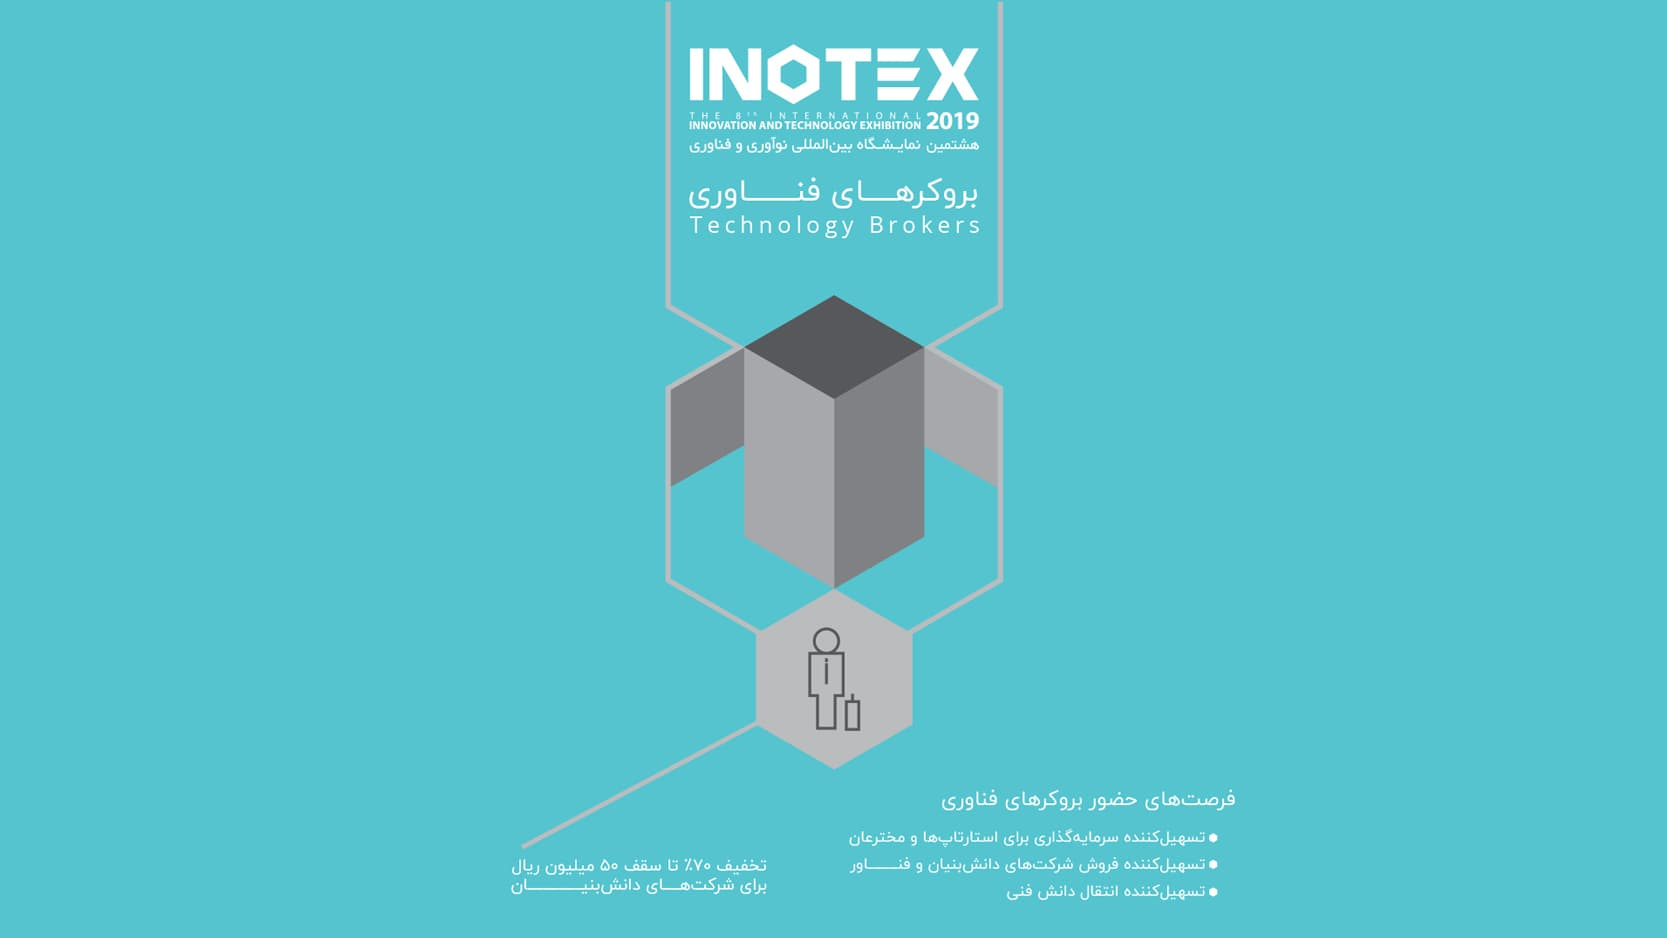 حضور بروکرهای فناوری در اینوتکس ۲۰۱۹